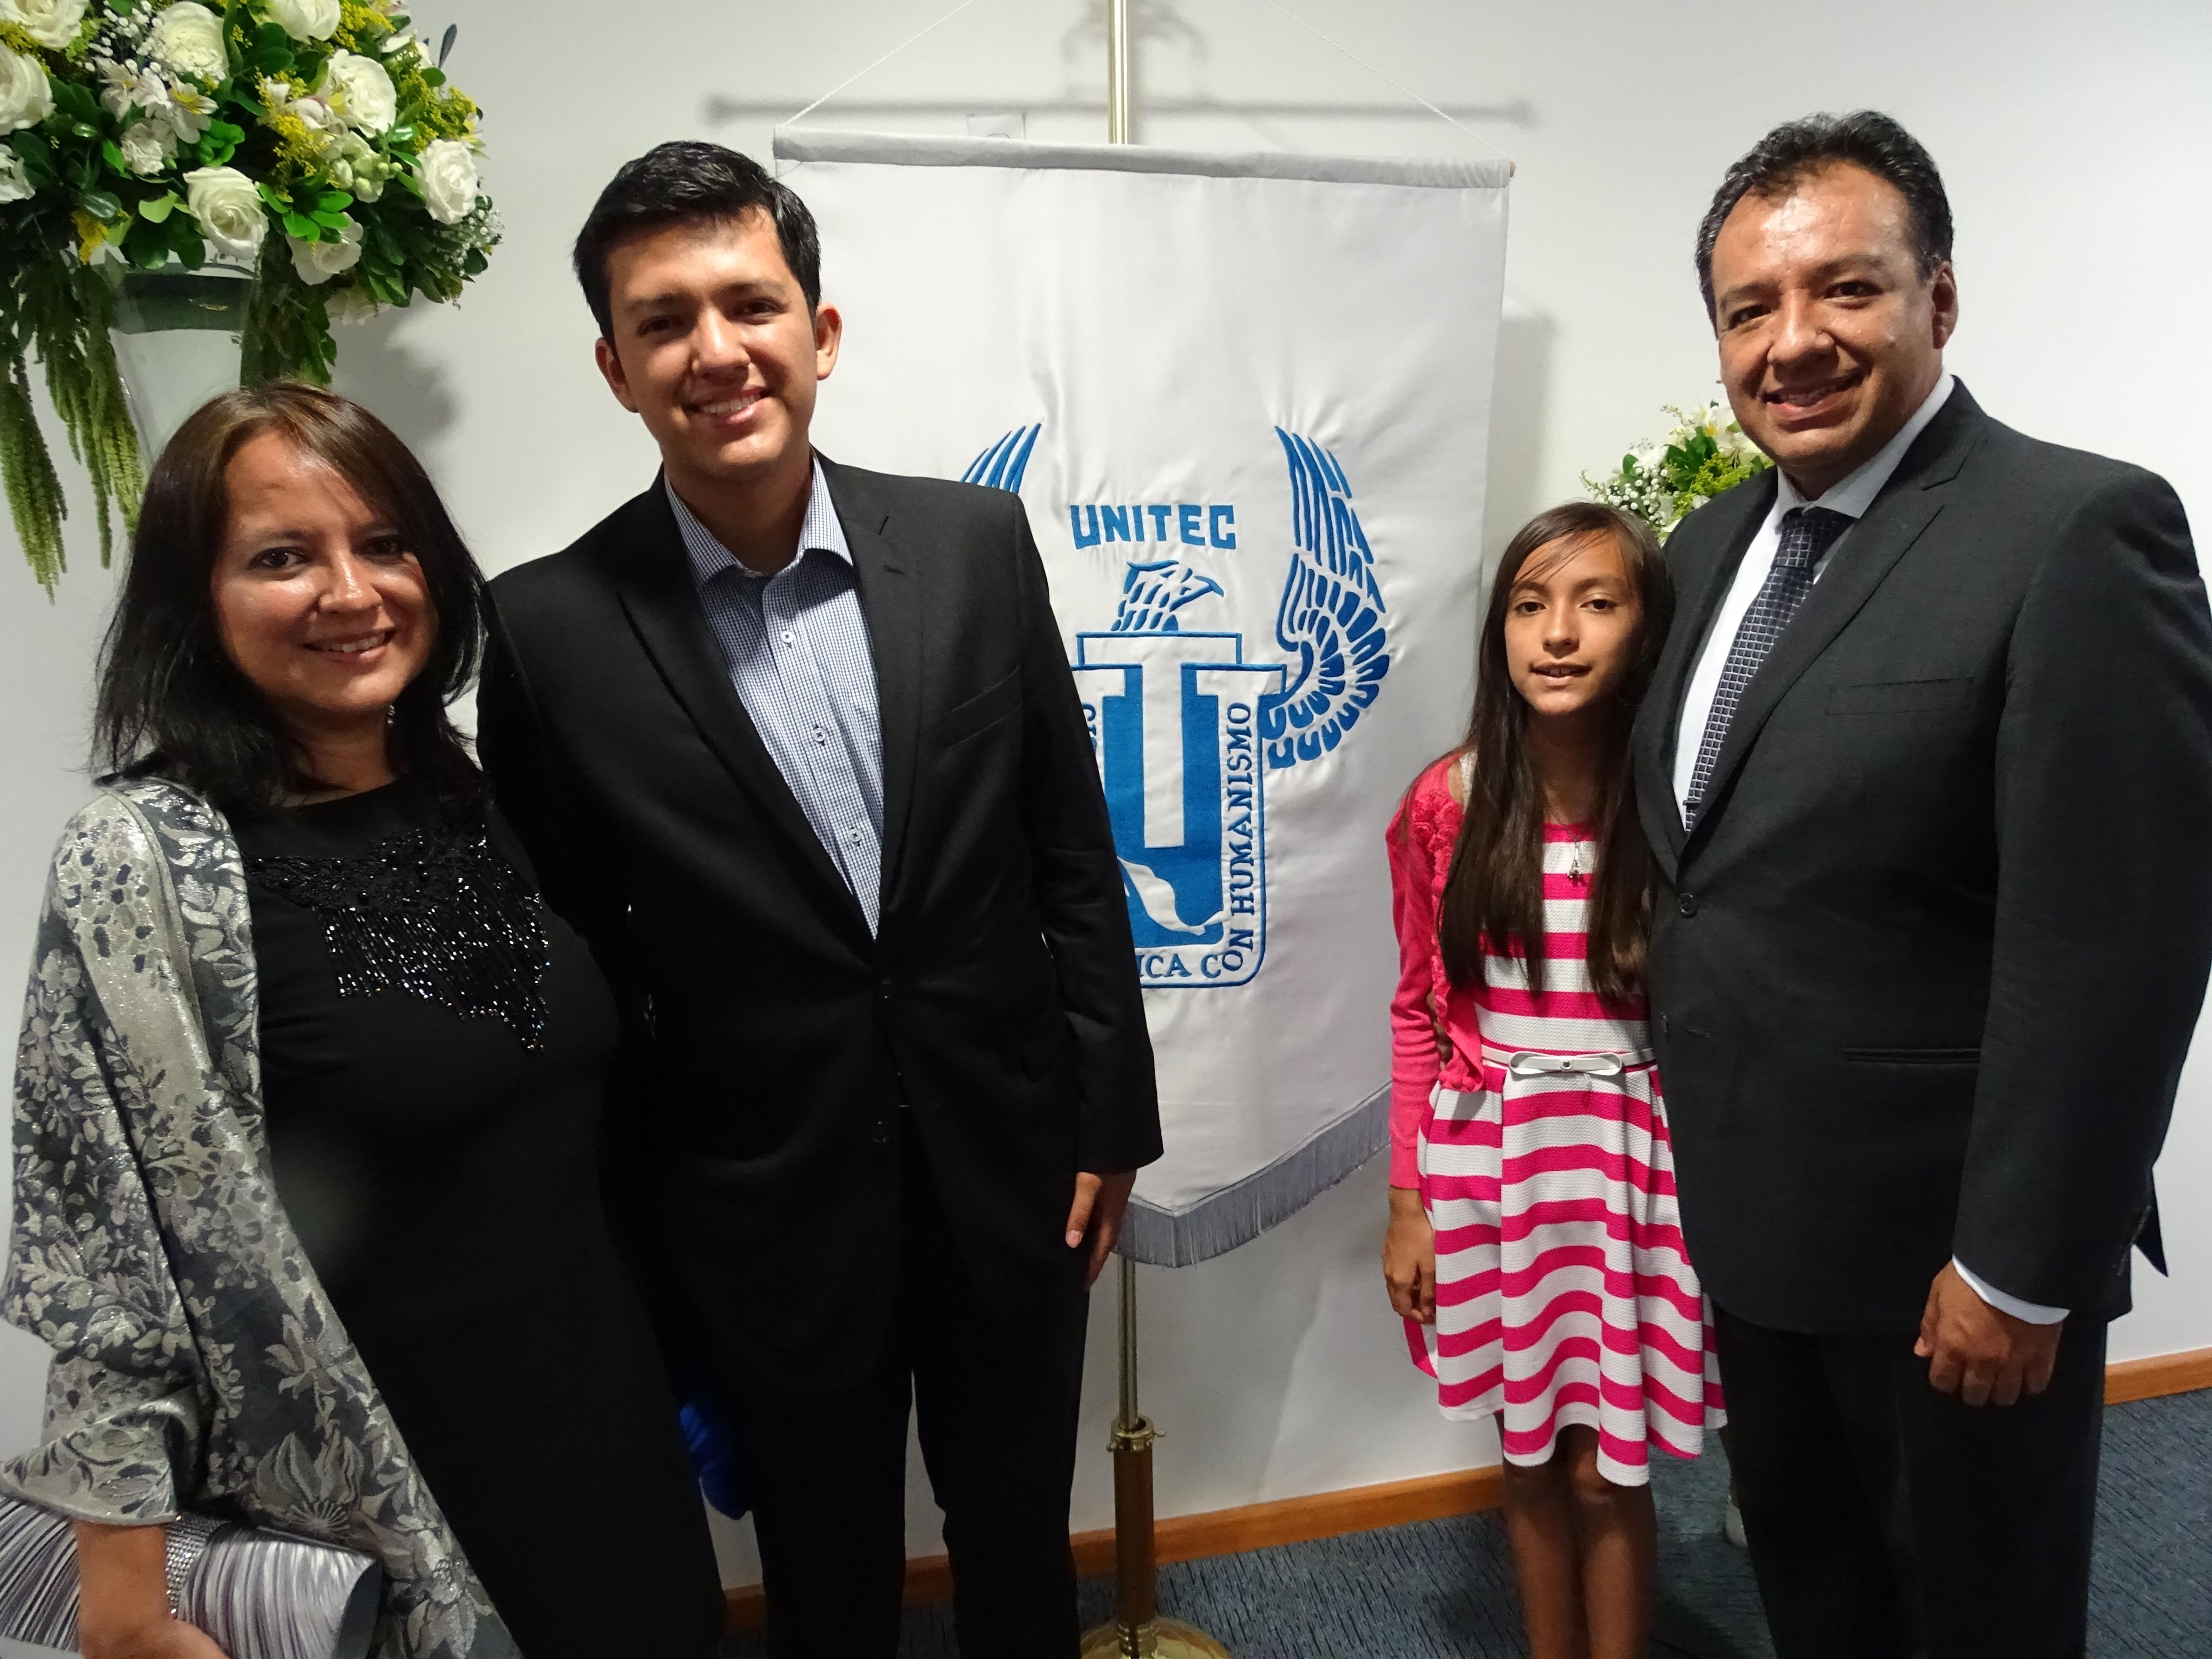 Celebran a la primera generación de Prepa UNITEC en Campus León - Featured Image